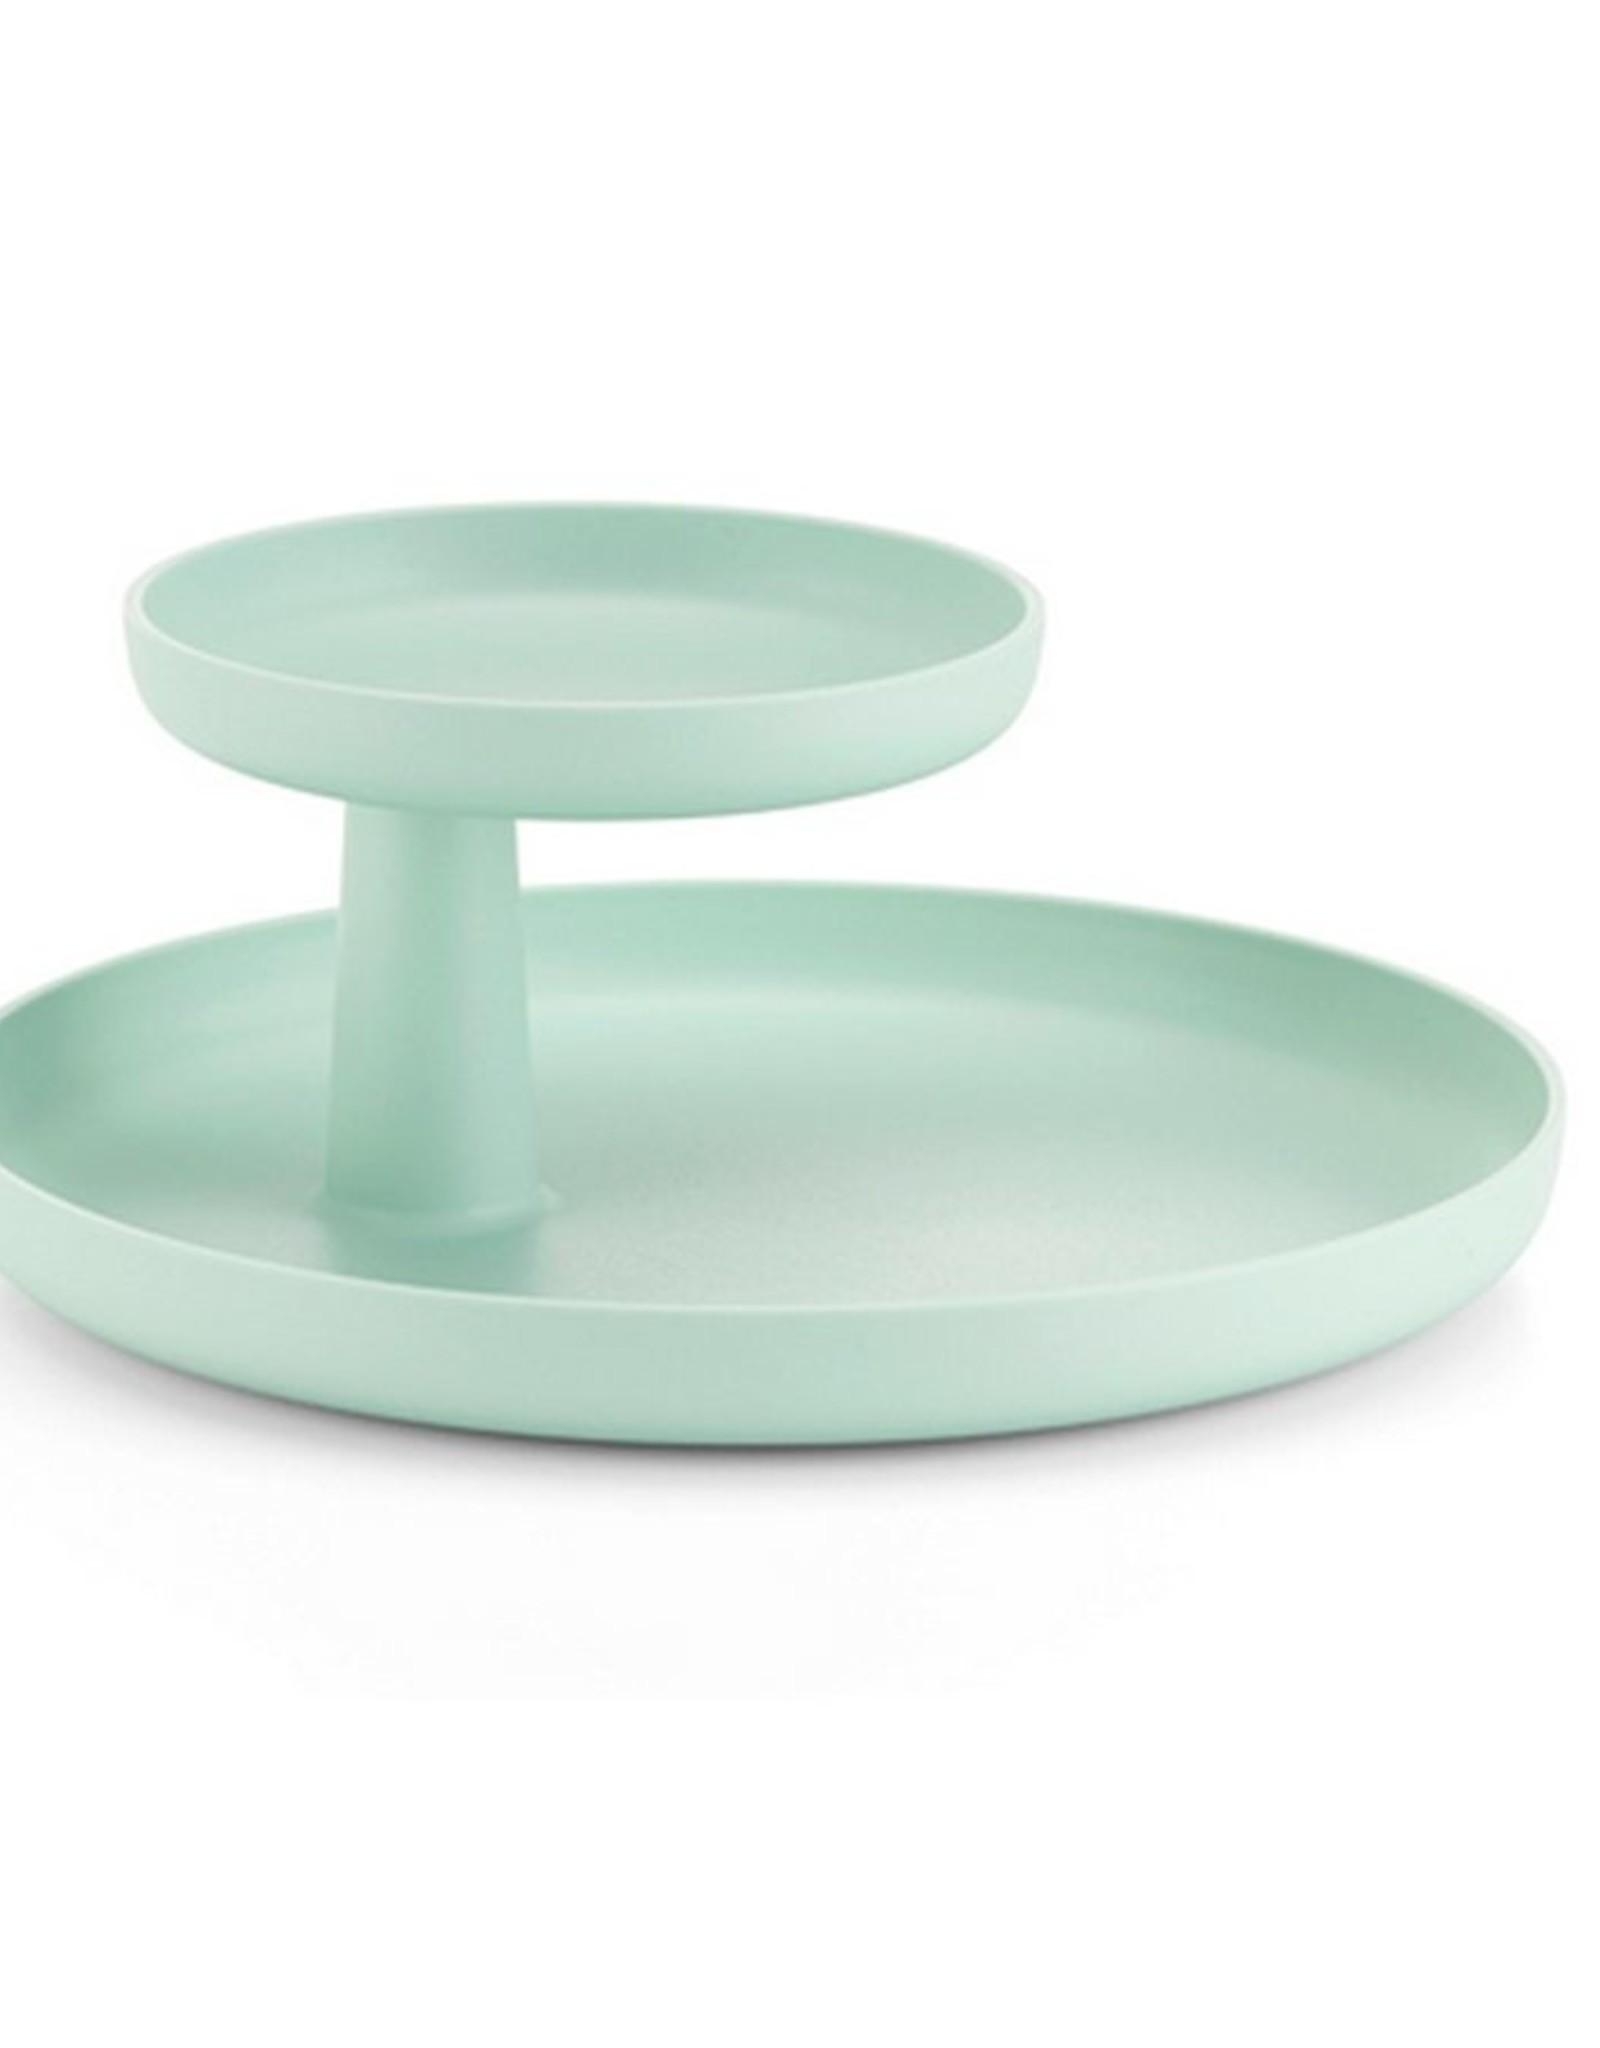 Vitra Vitra Rotary Tray / Decoratie Schaal Mint Groen